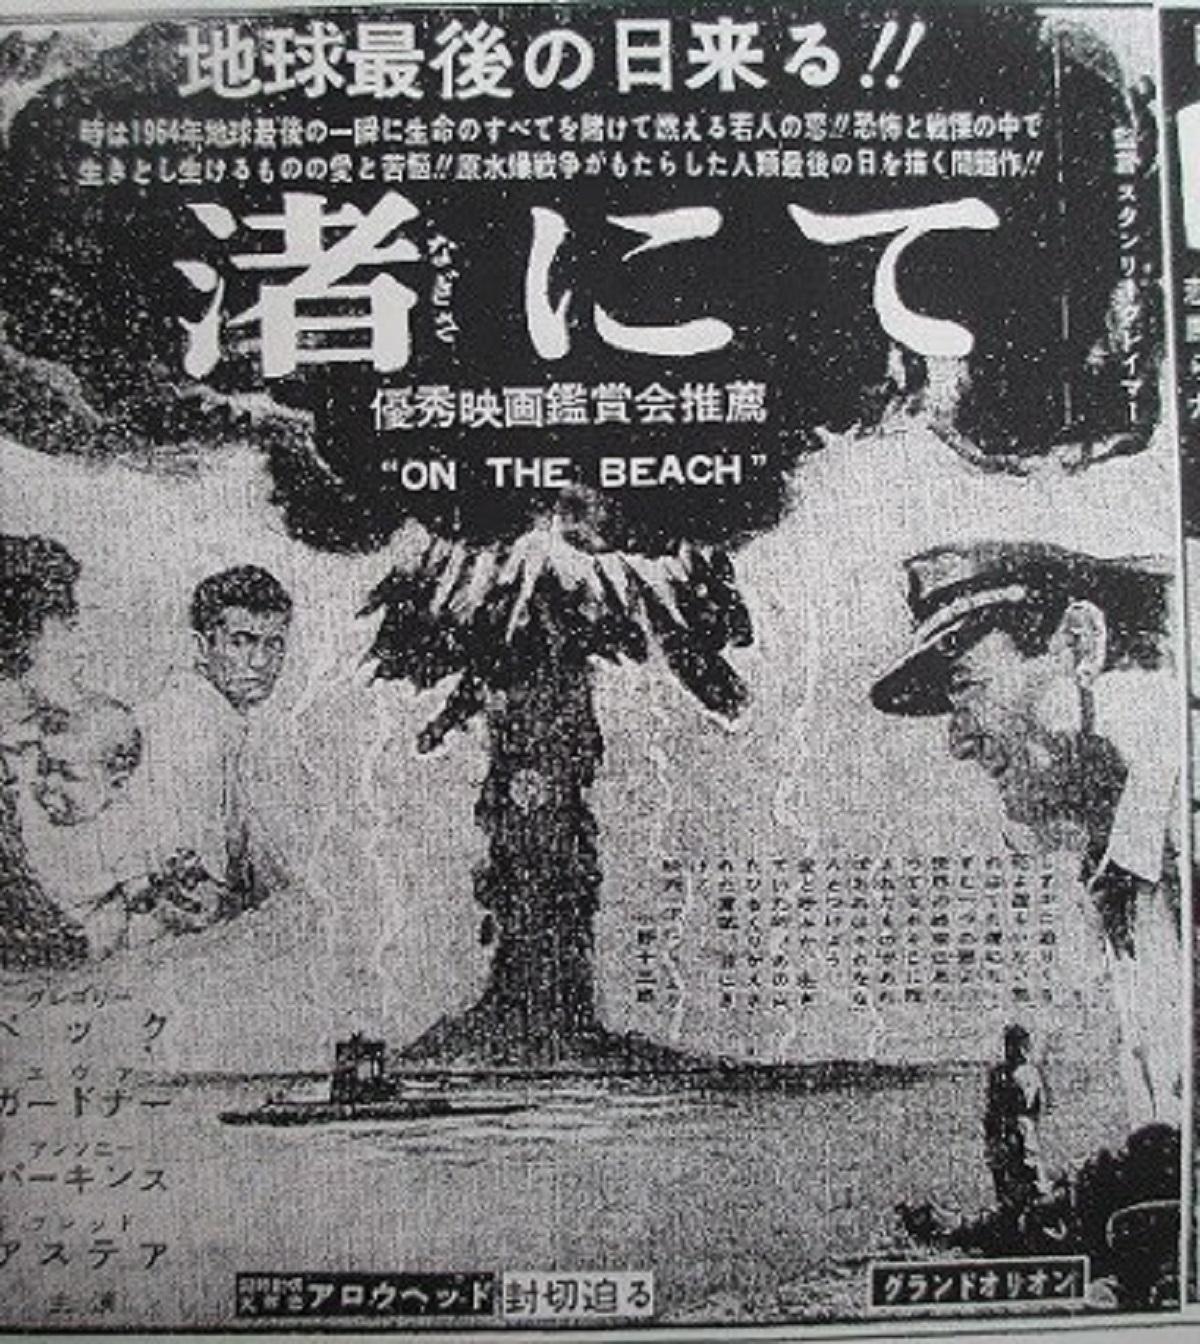 映画『渚にて』のチラシポスター